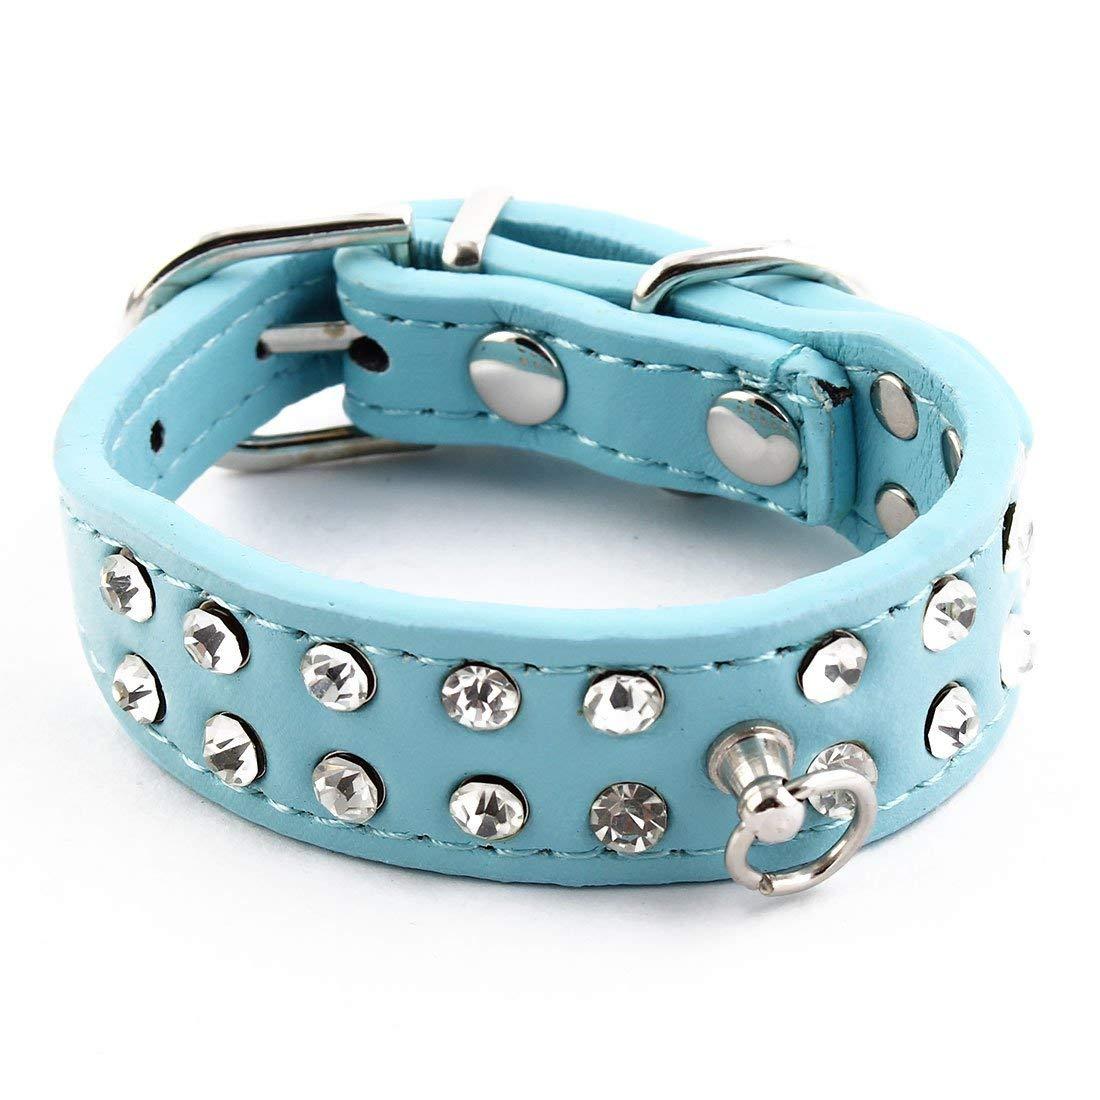 PU Leather Pet Cat Training Faux Diamond Decor Adjustable Belt Neck Collar Sky bluee